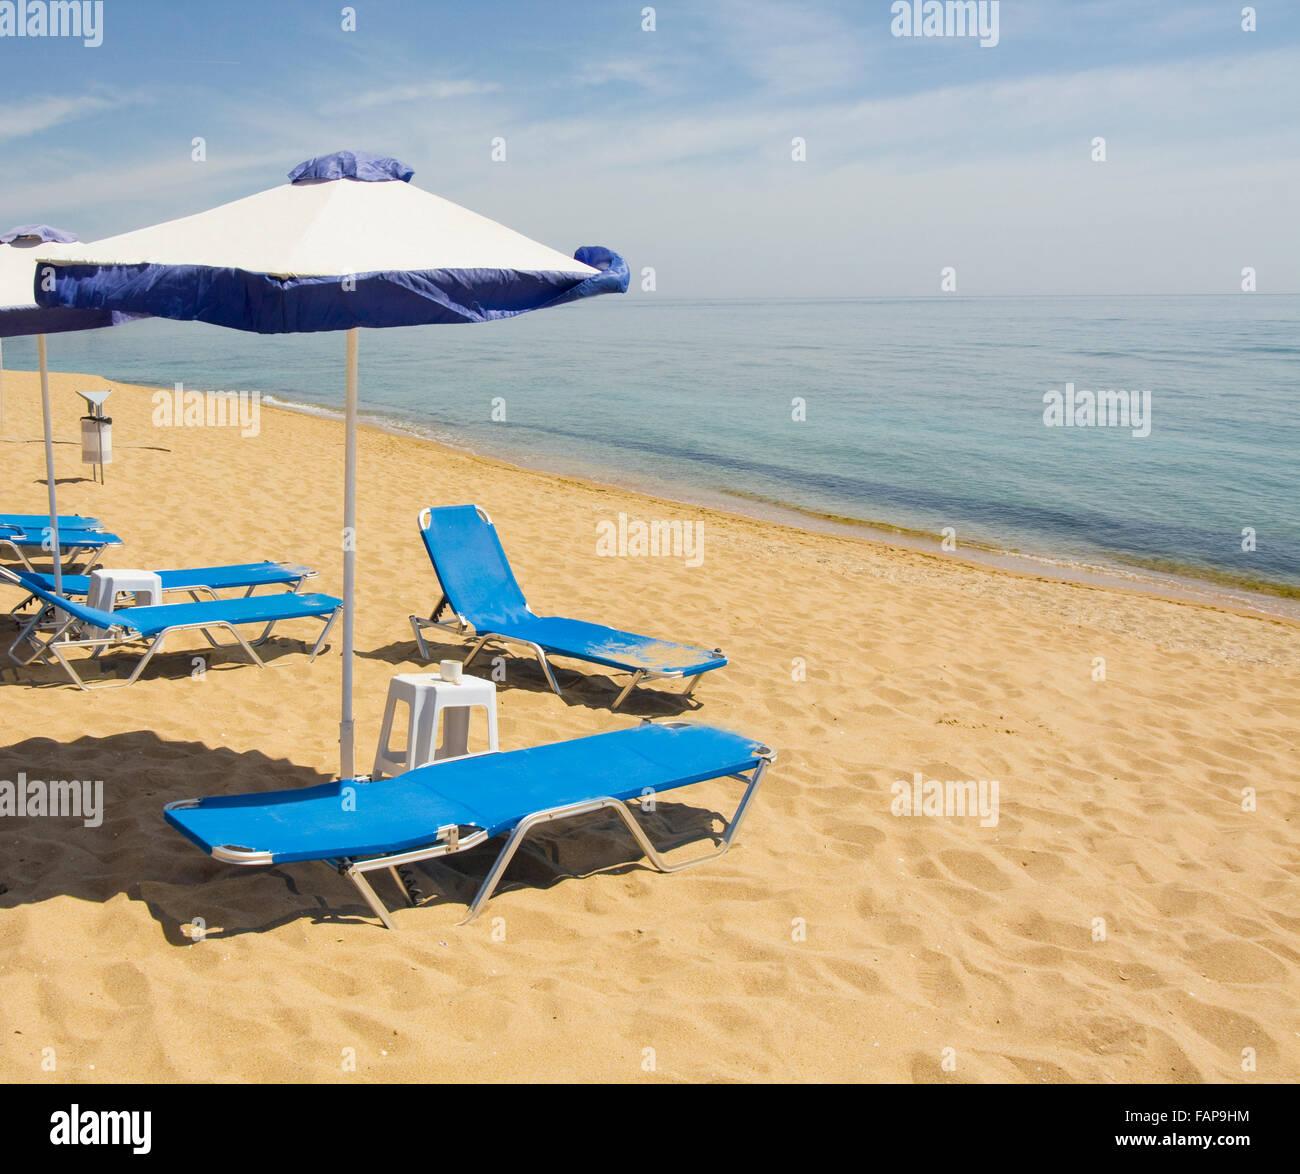 Ombrelloni Da Spiaggia Vendita.Ombrelloni Da Spiaggia Di Colori Blu E Bianco E Blu Sdraio Sulla